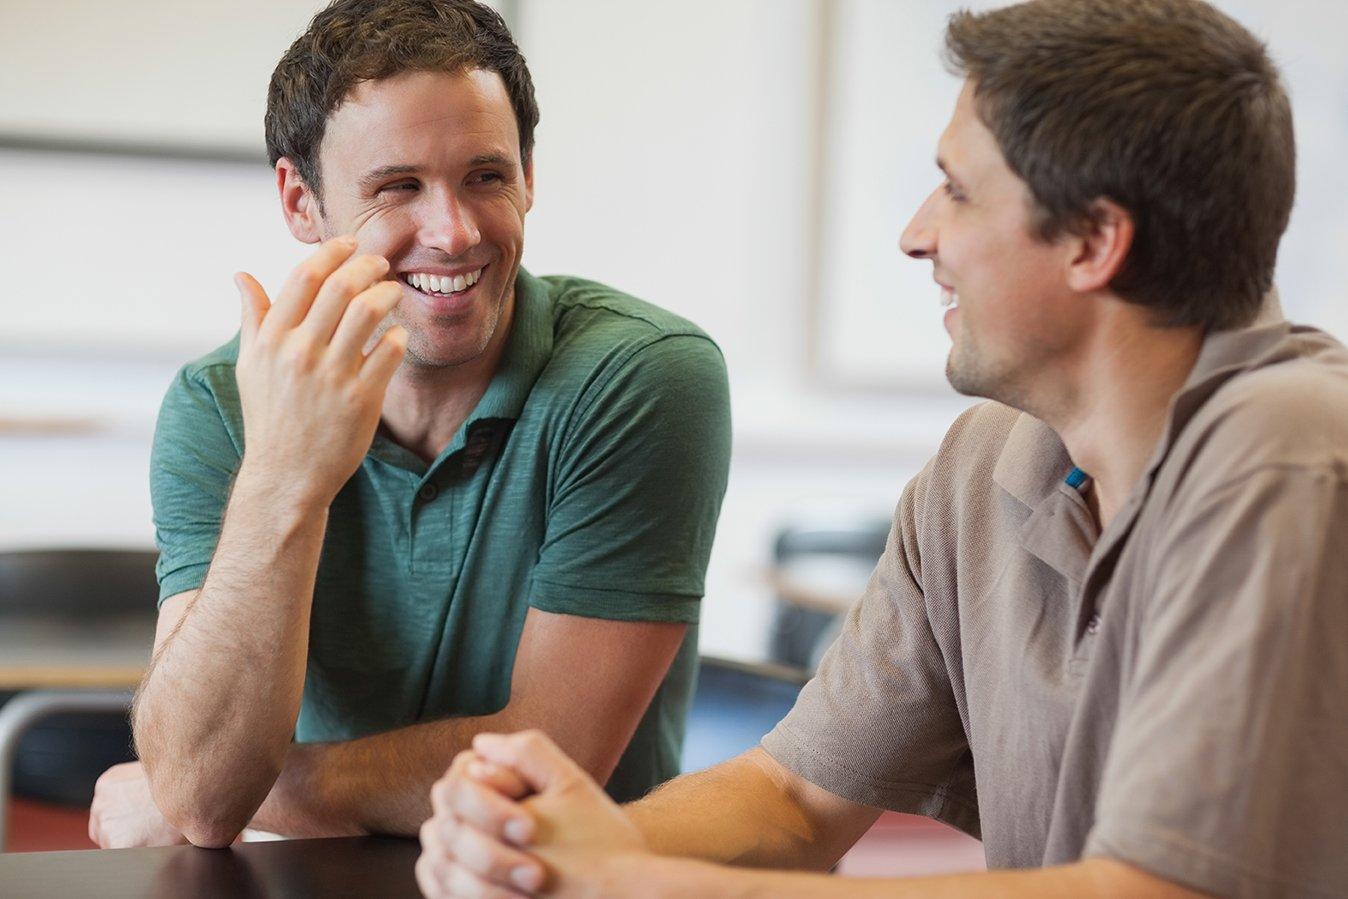 Как стать идеальным собеседником и быть душой компании